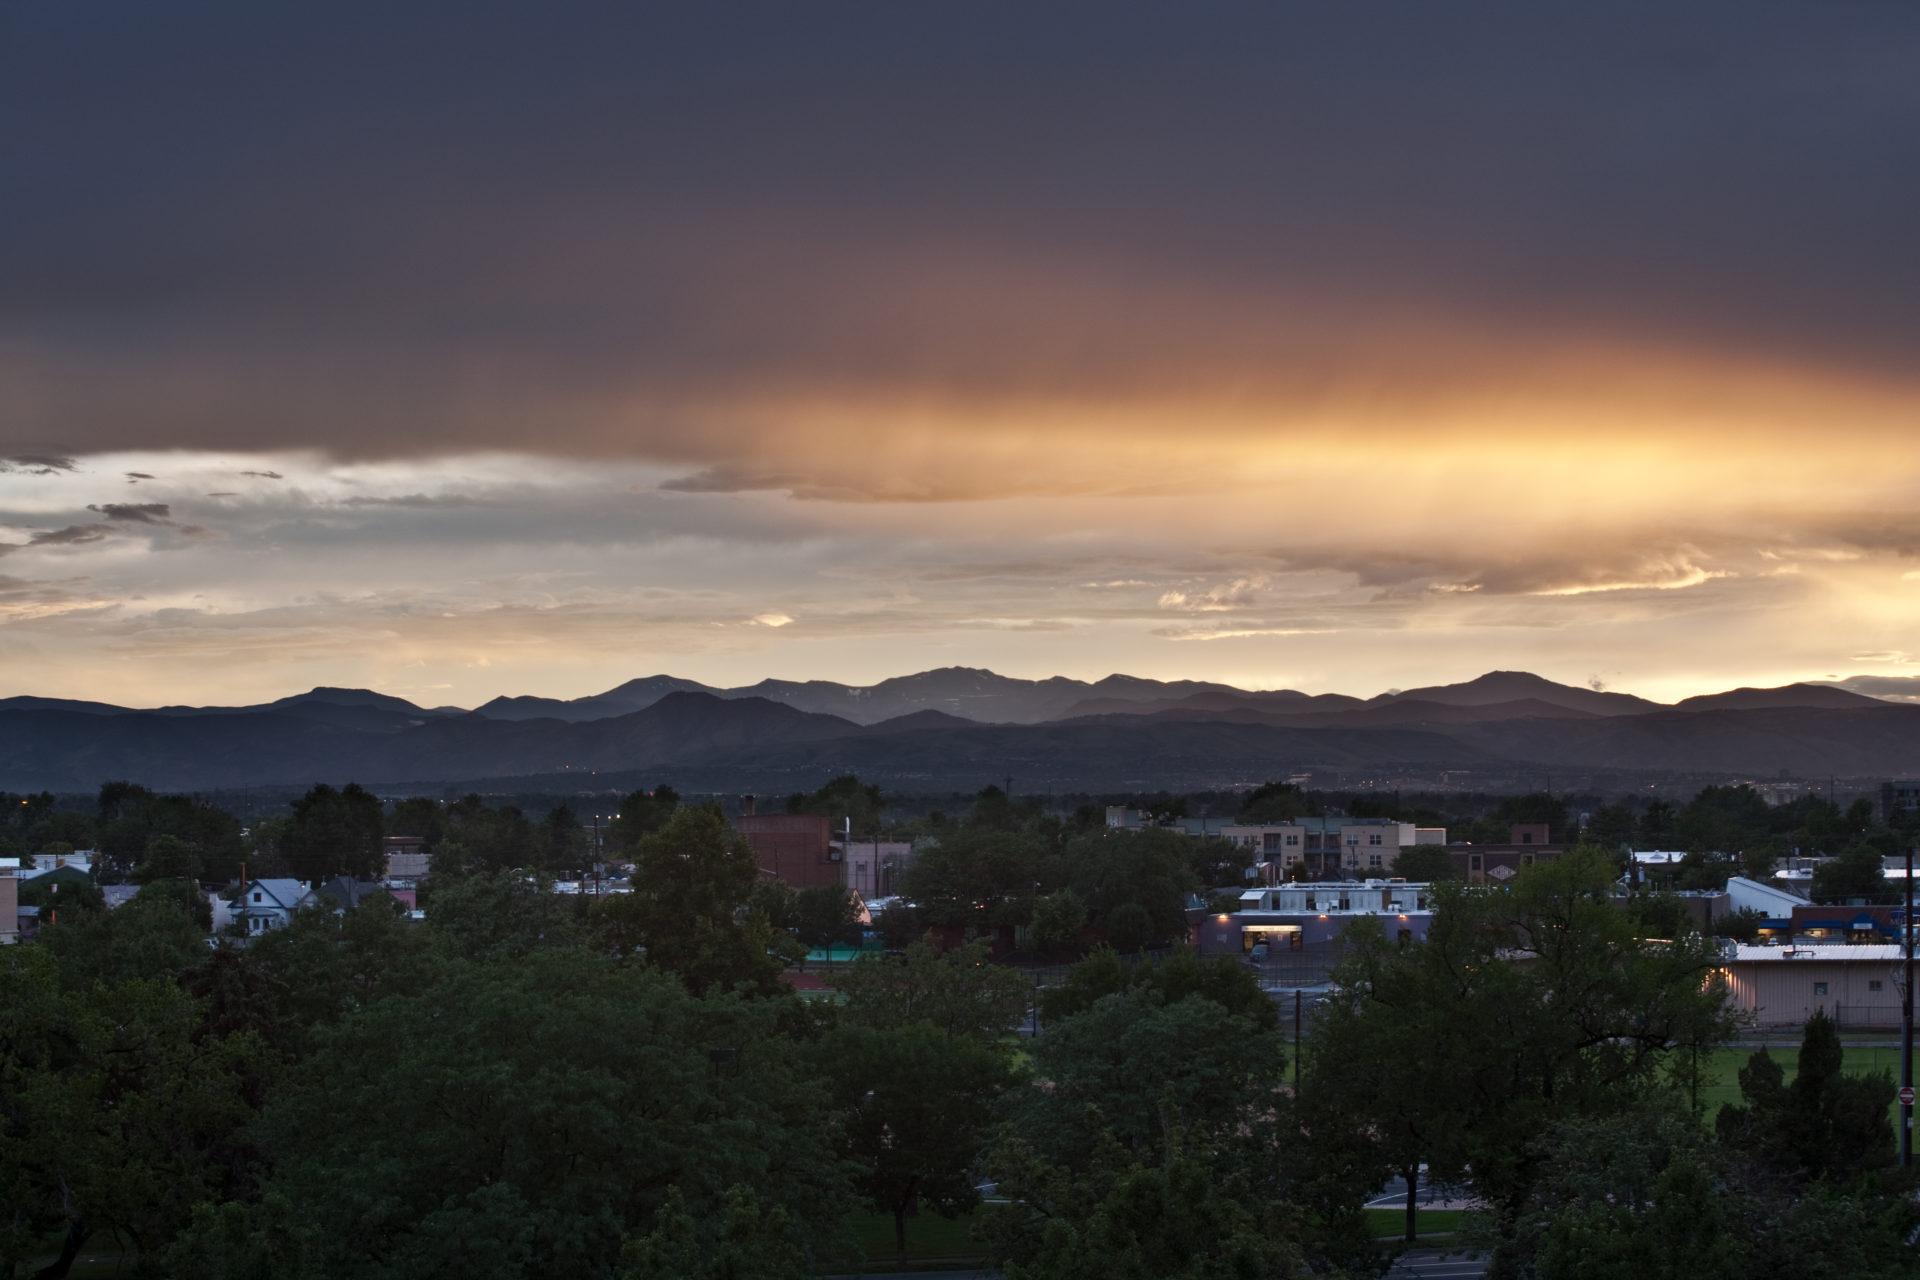 Mount Evans sunset - July 26, 2011